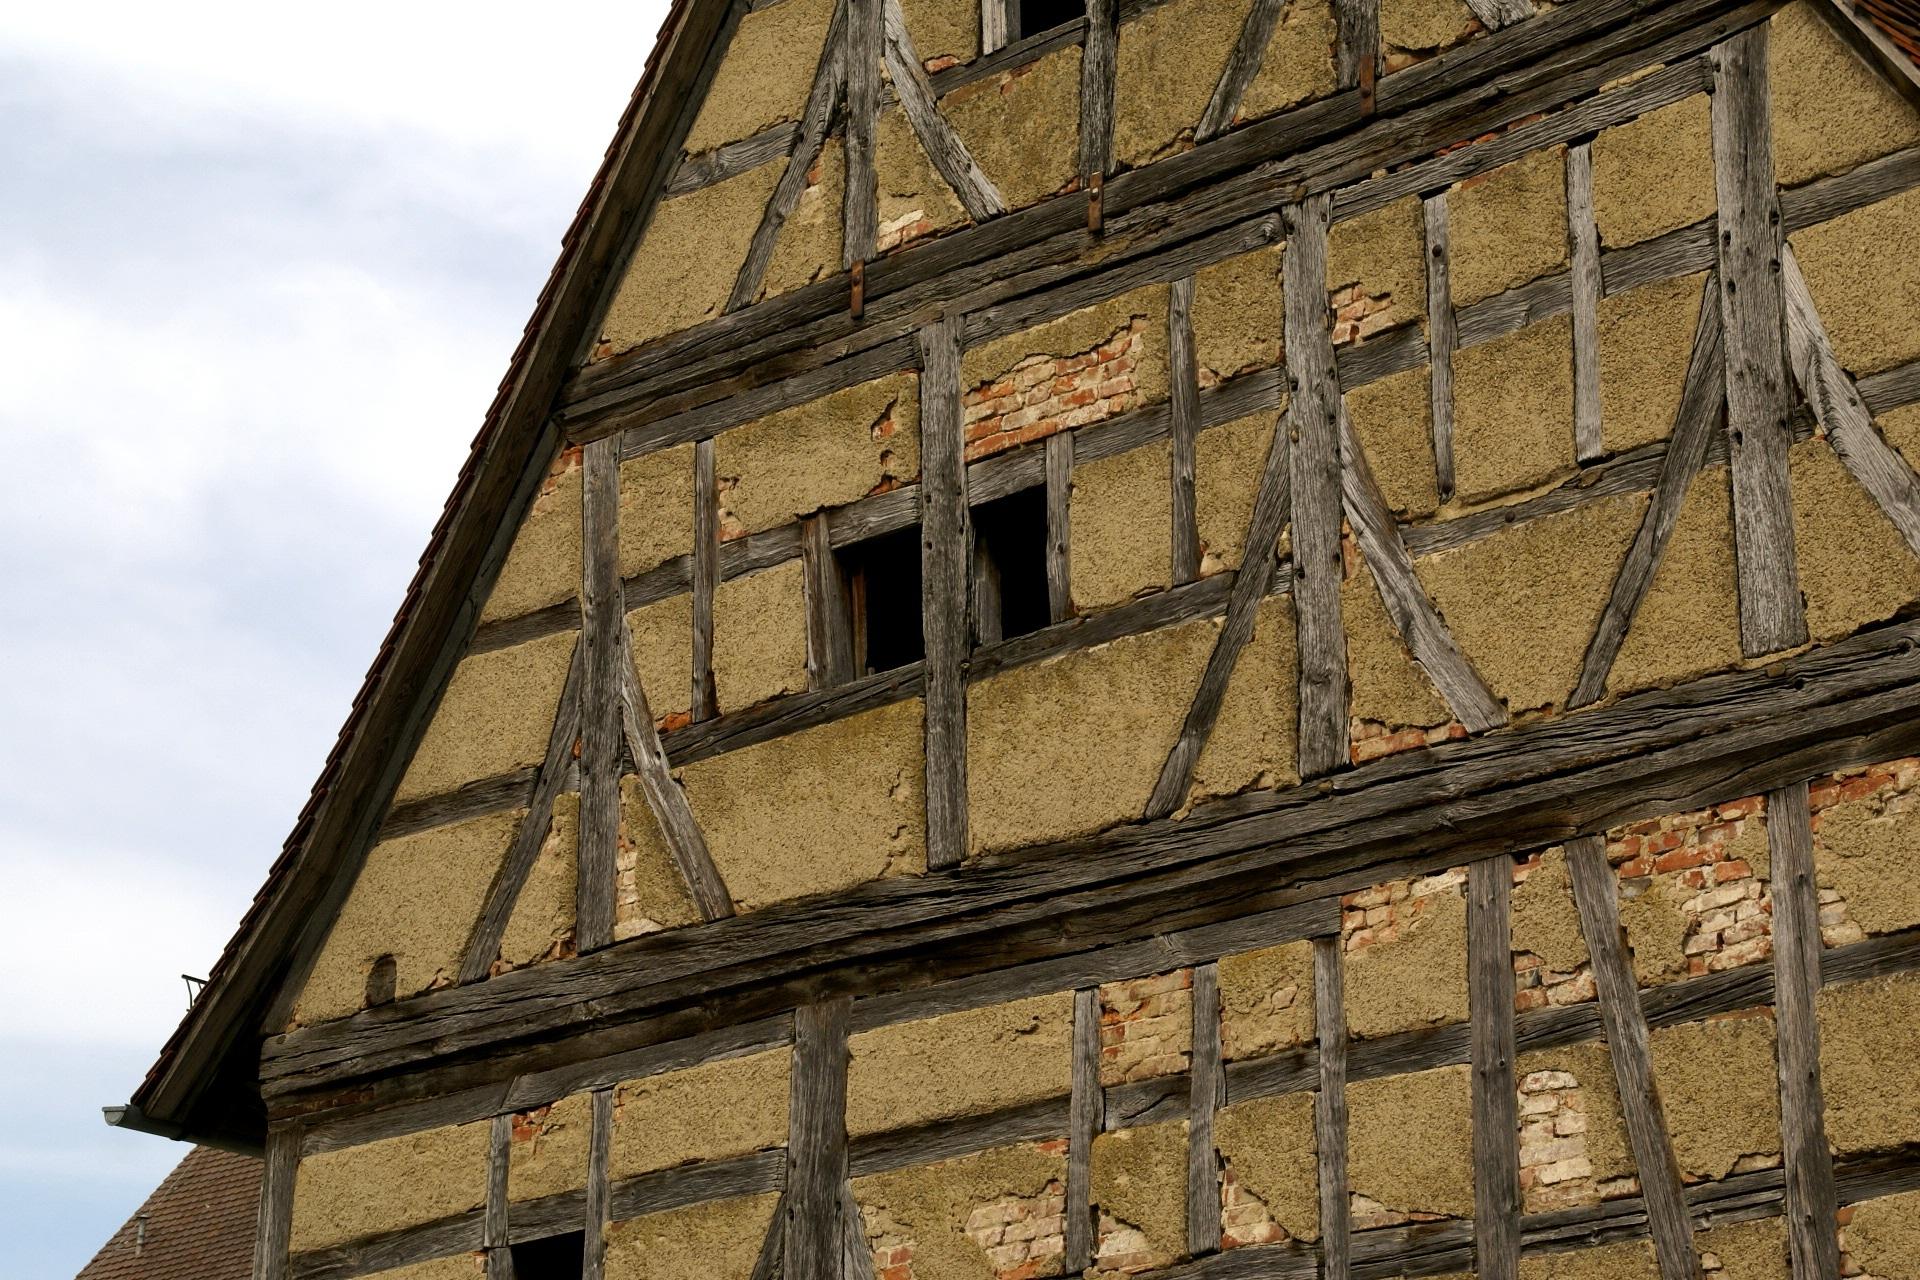 археологи фото фронтон немецких домов вторую